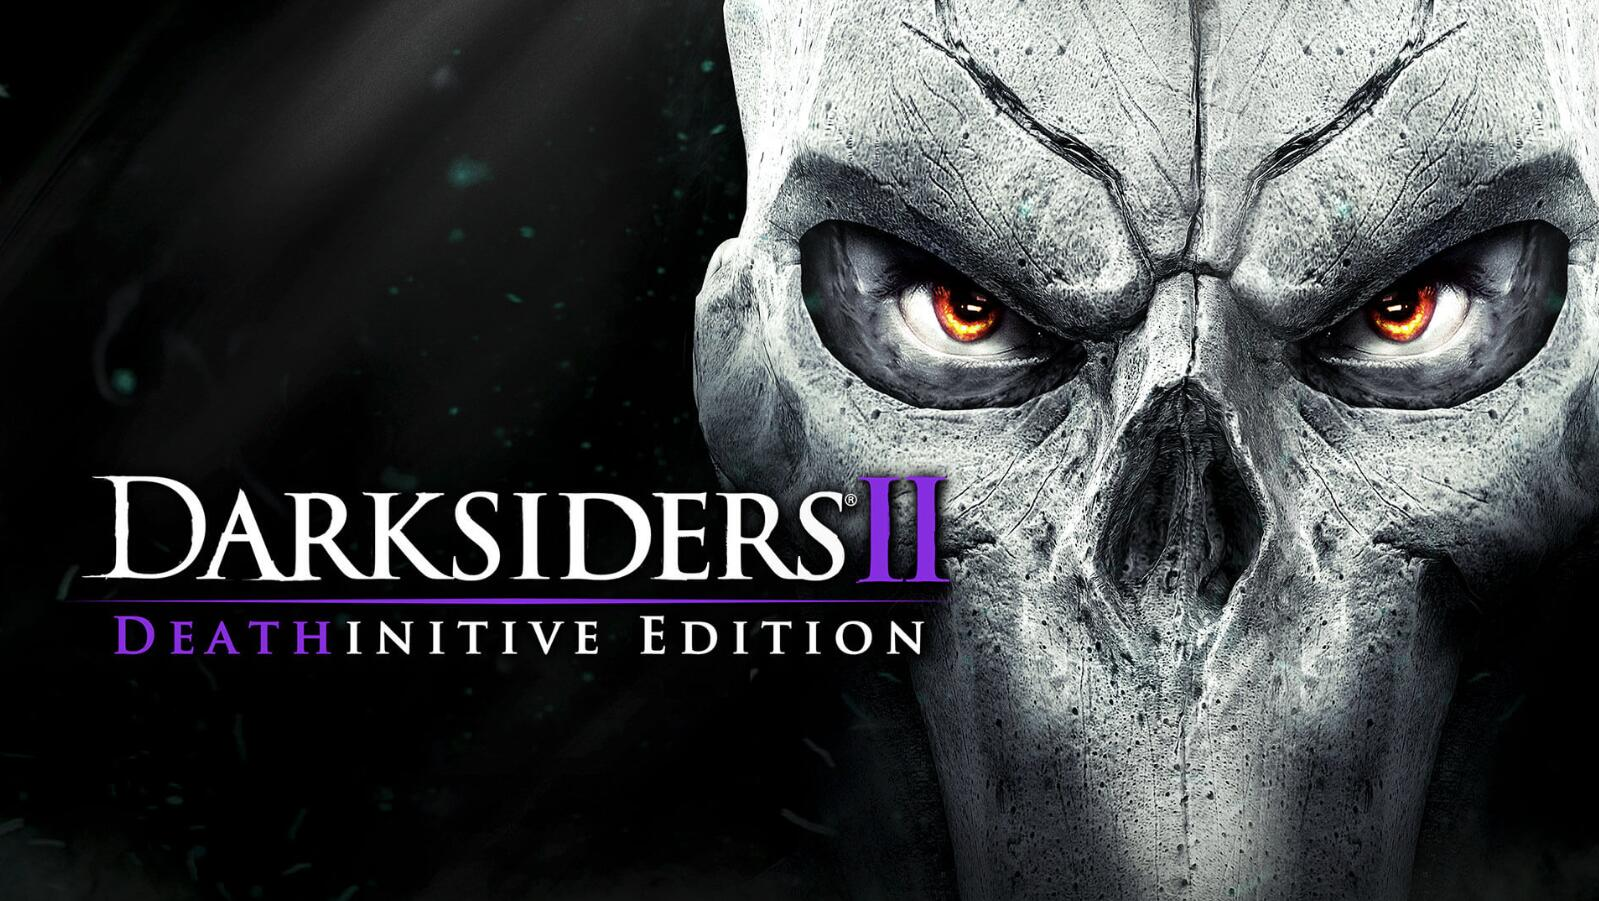 Epic本周免费游戏赠送活动 《暗黑血统》一二代